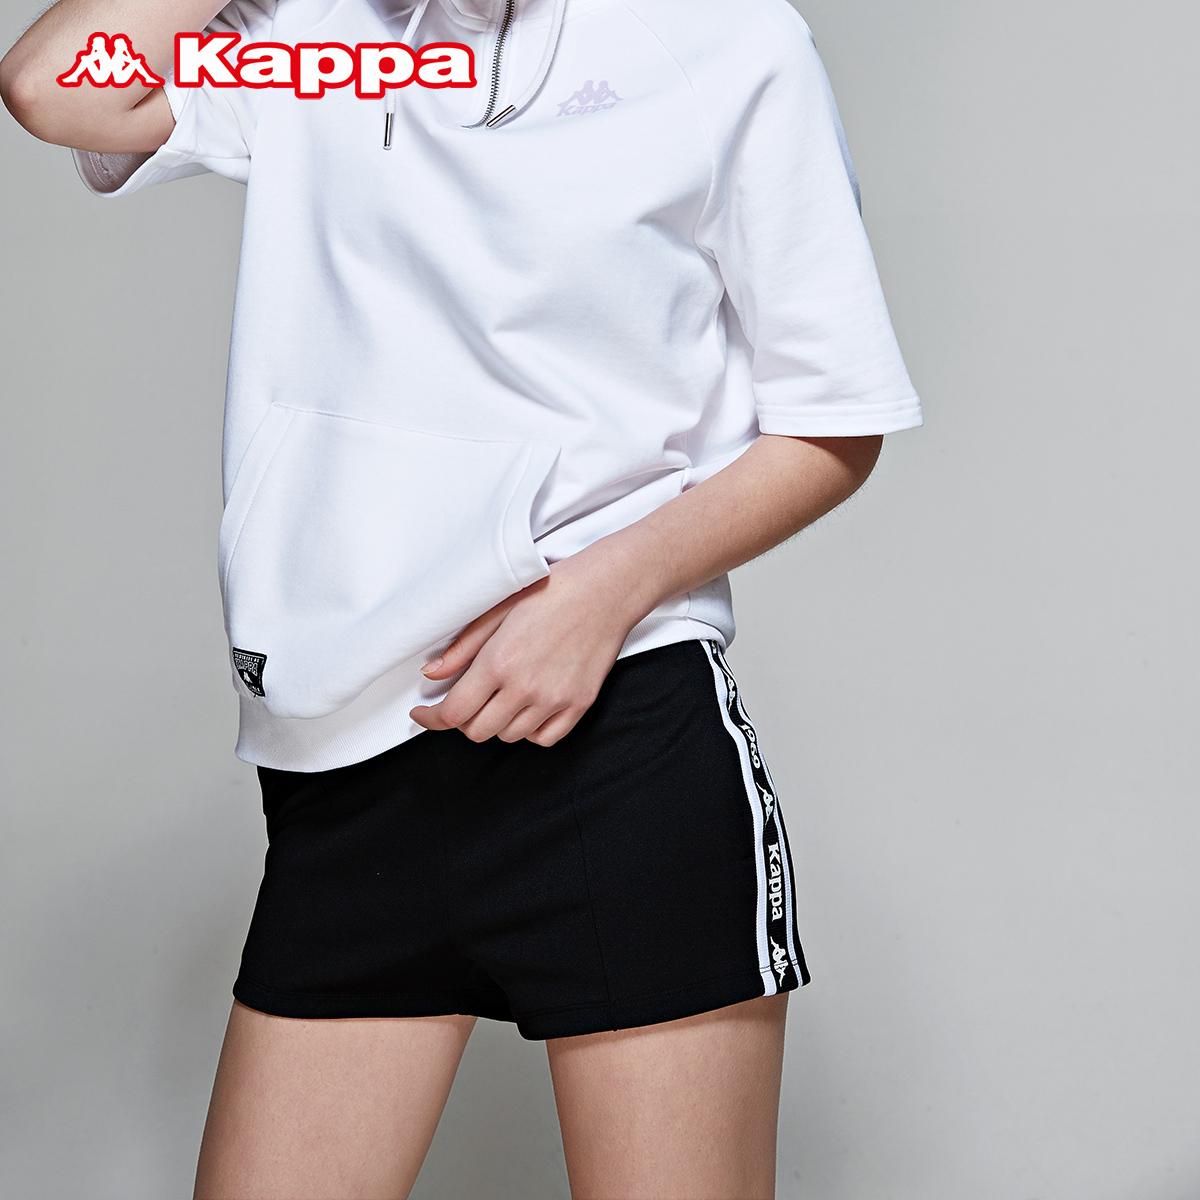 10-13新券KAPPA卡帕 女款运动短裤休闲超短裤跑步健身2019款|K0922DY18D